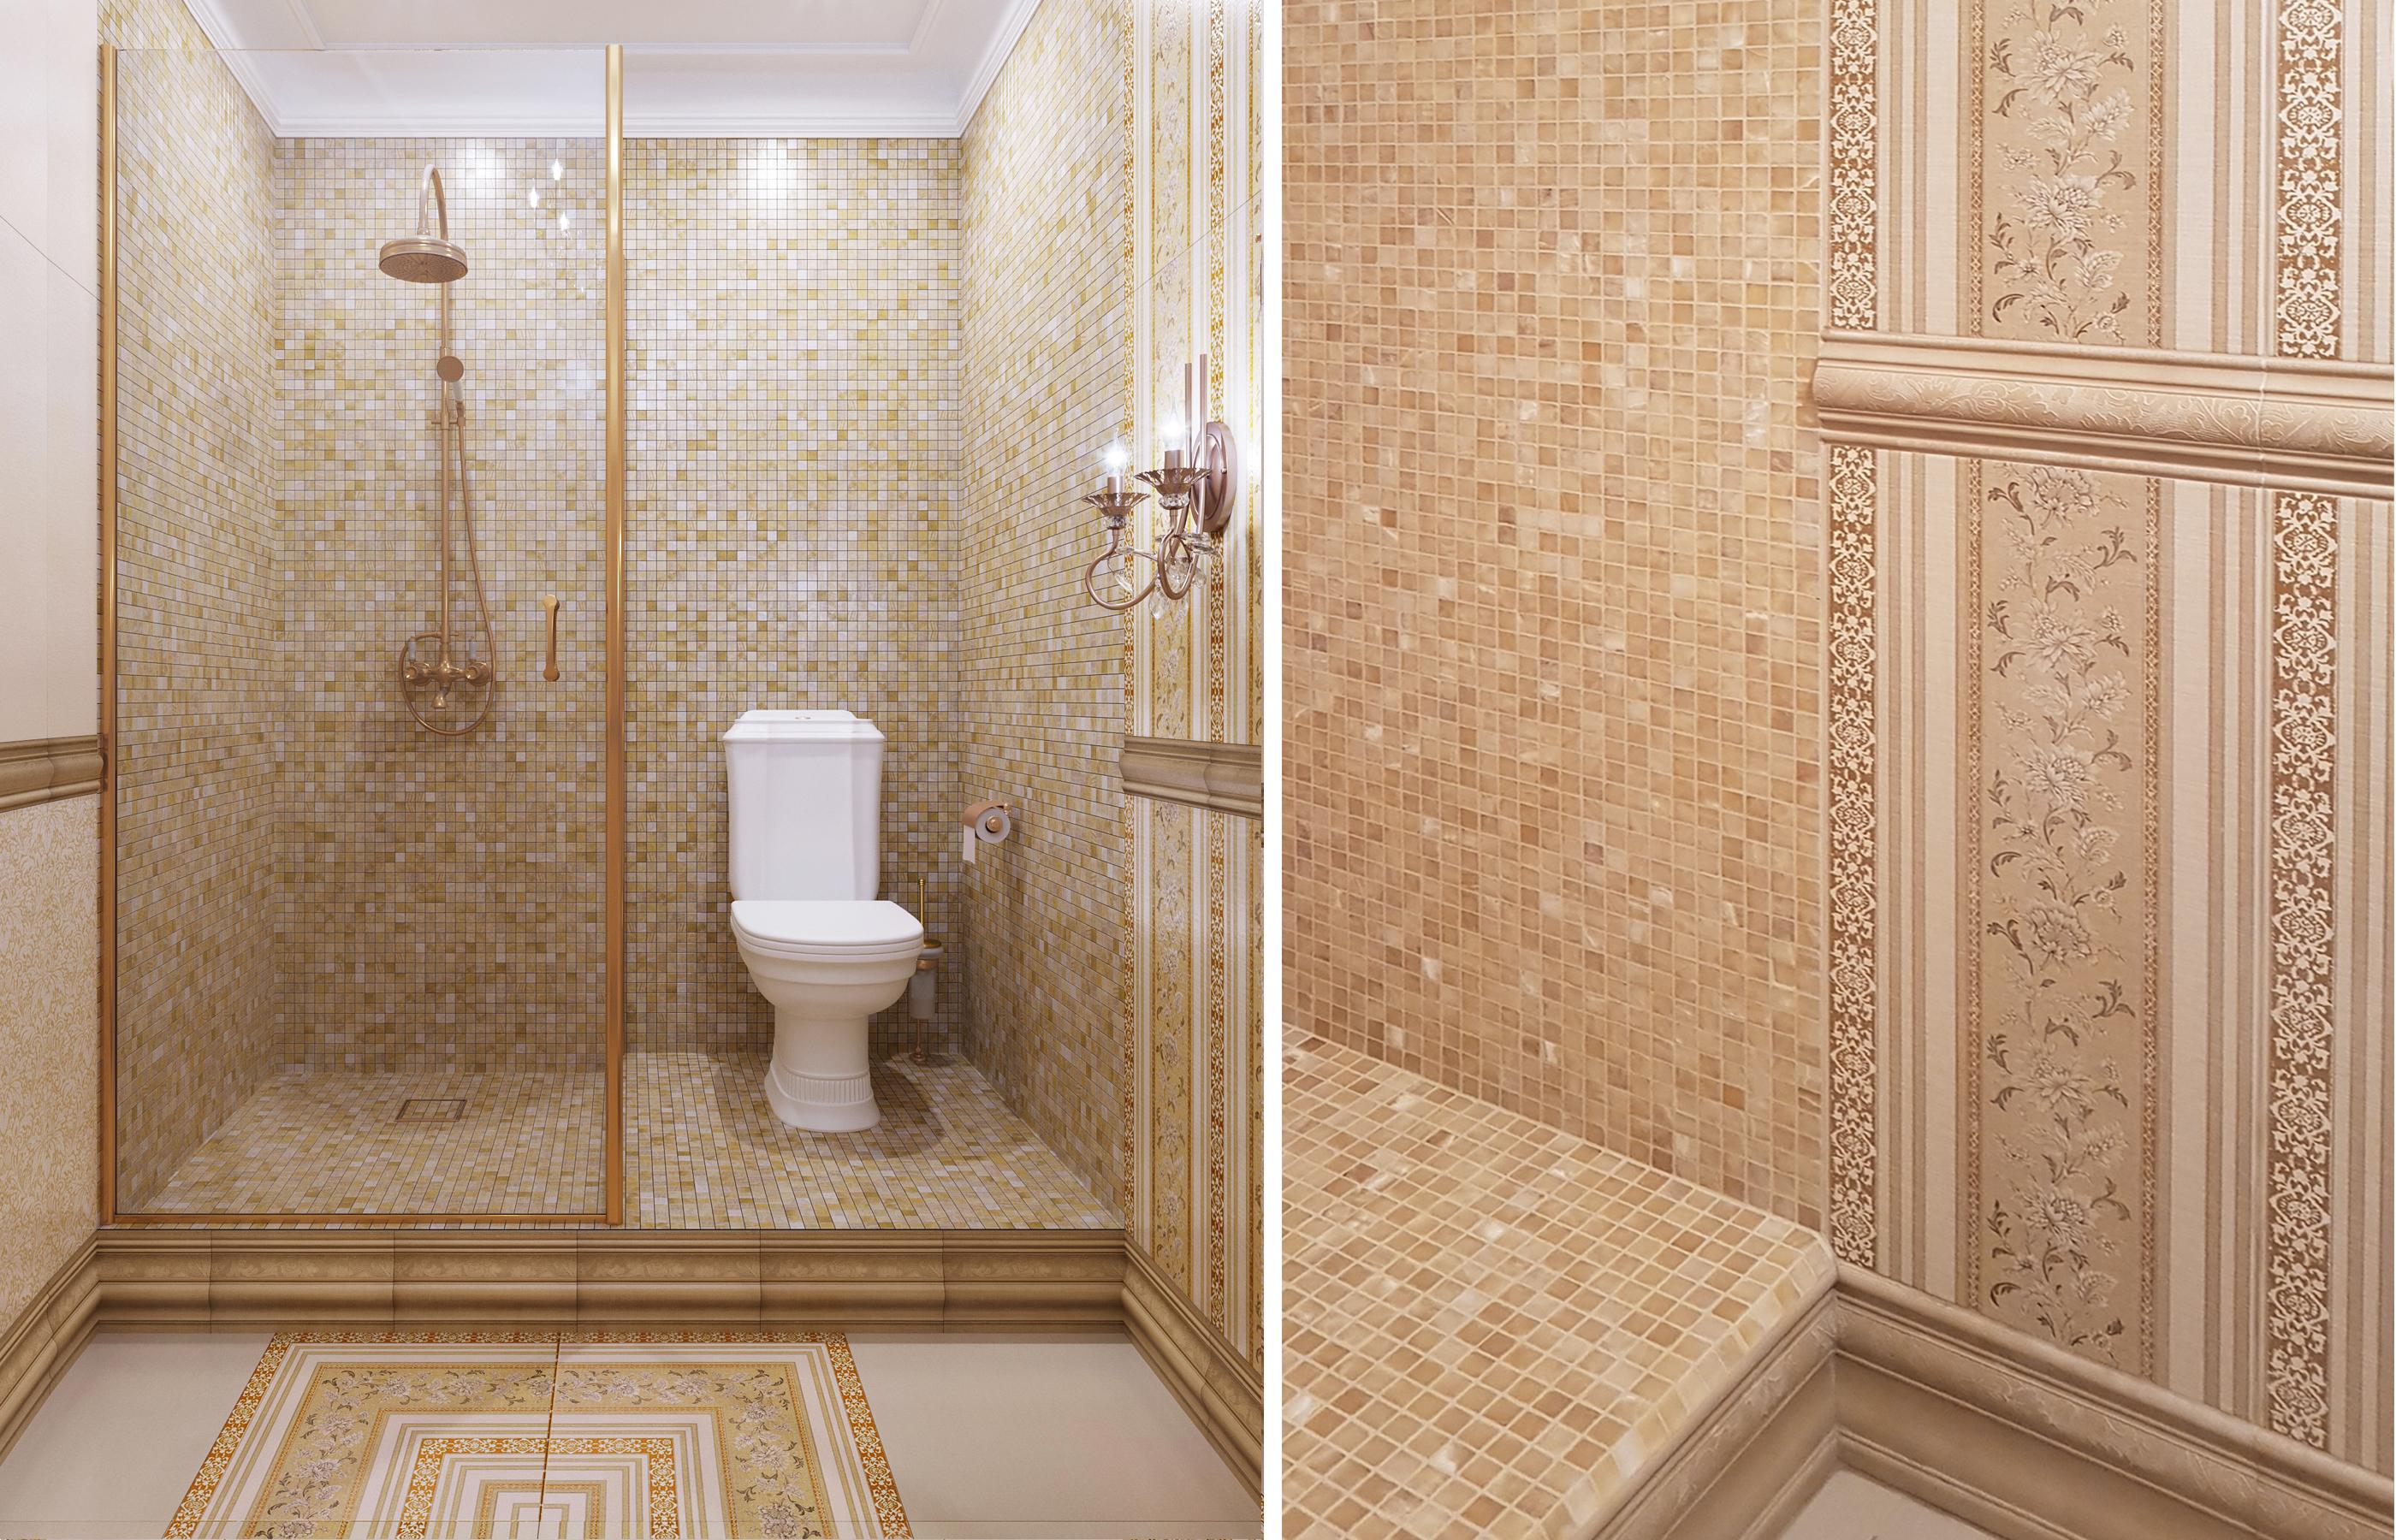 Дизайн интерьера ванной комнаты с мозаикой из натурального оникса